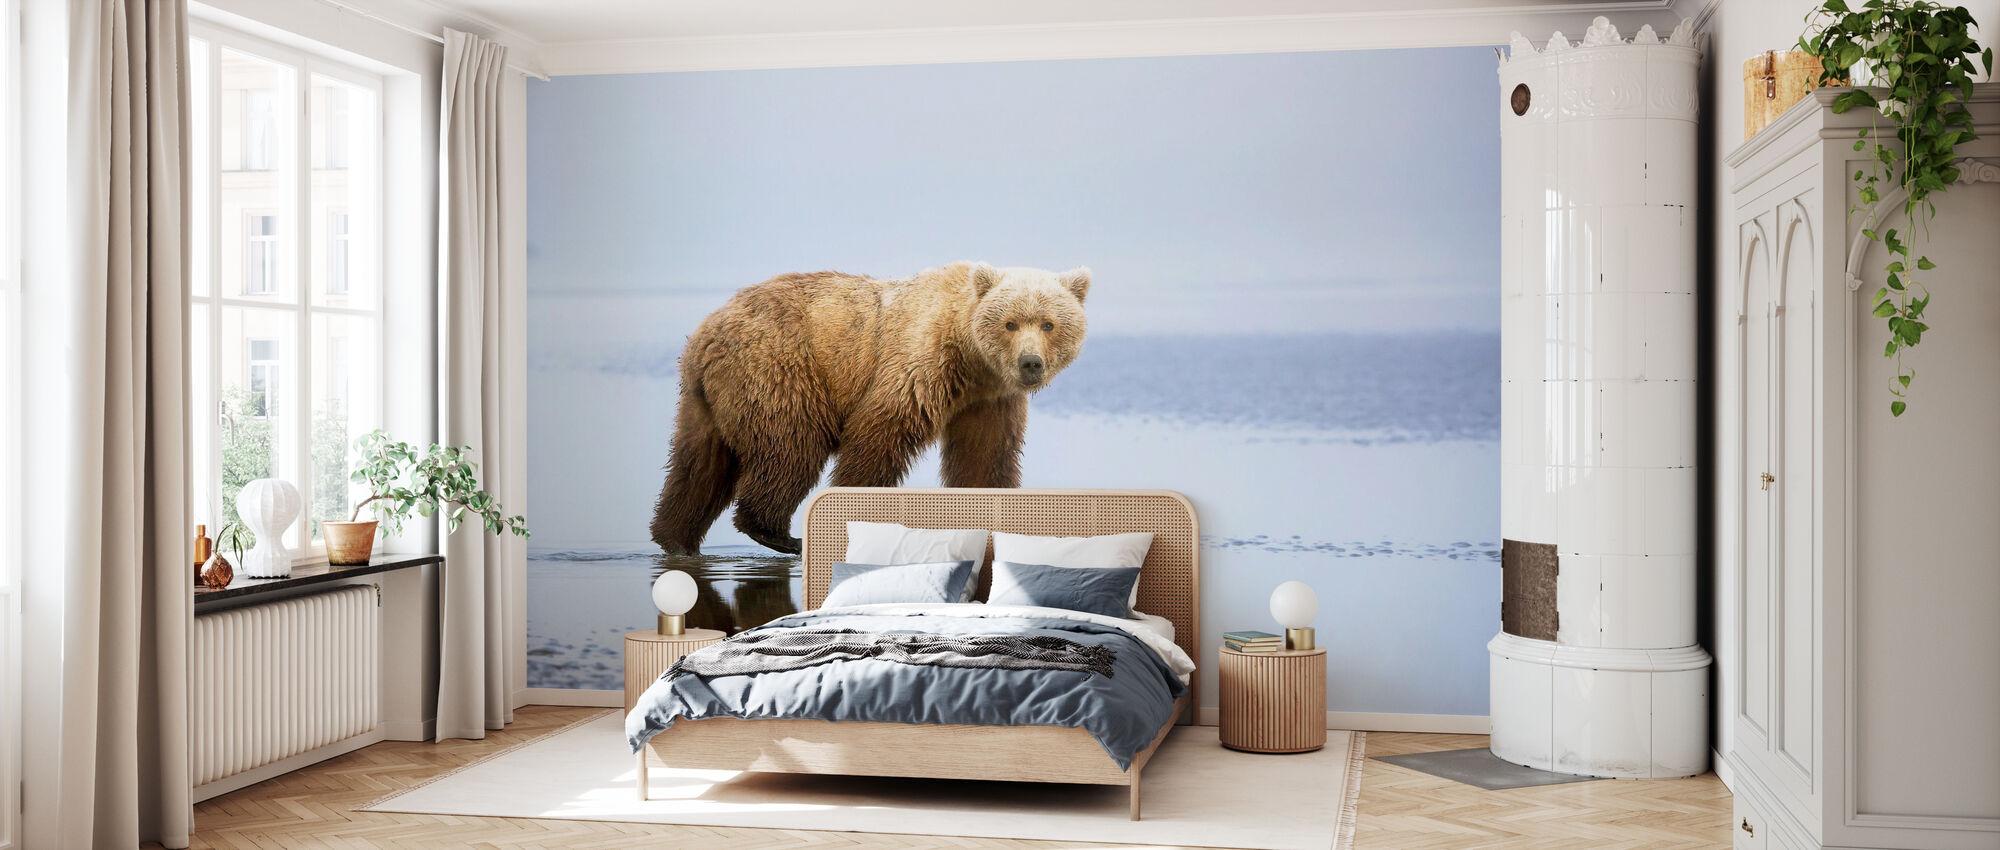 Bear Walk - Wallpaper - Bedroom